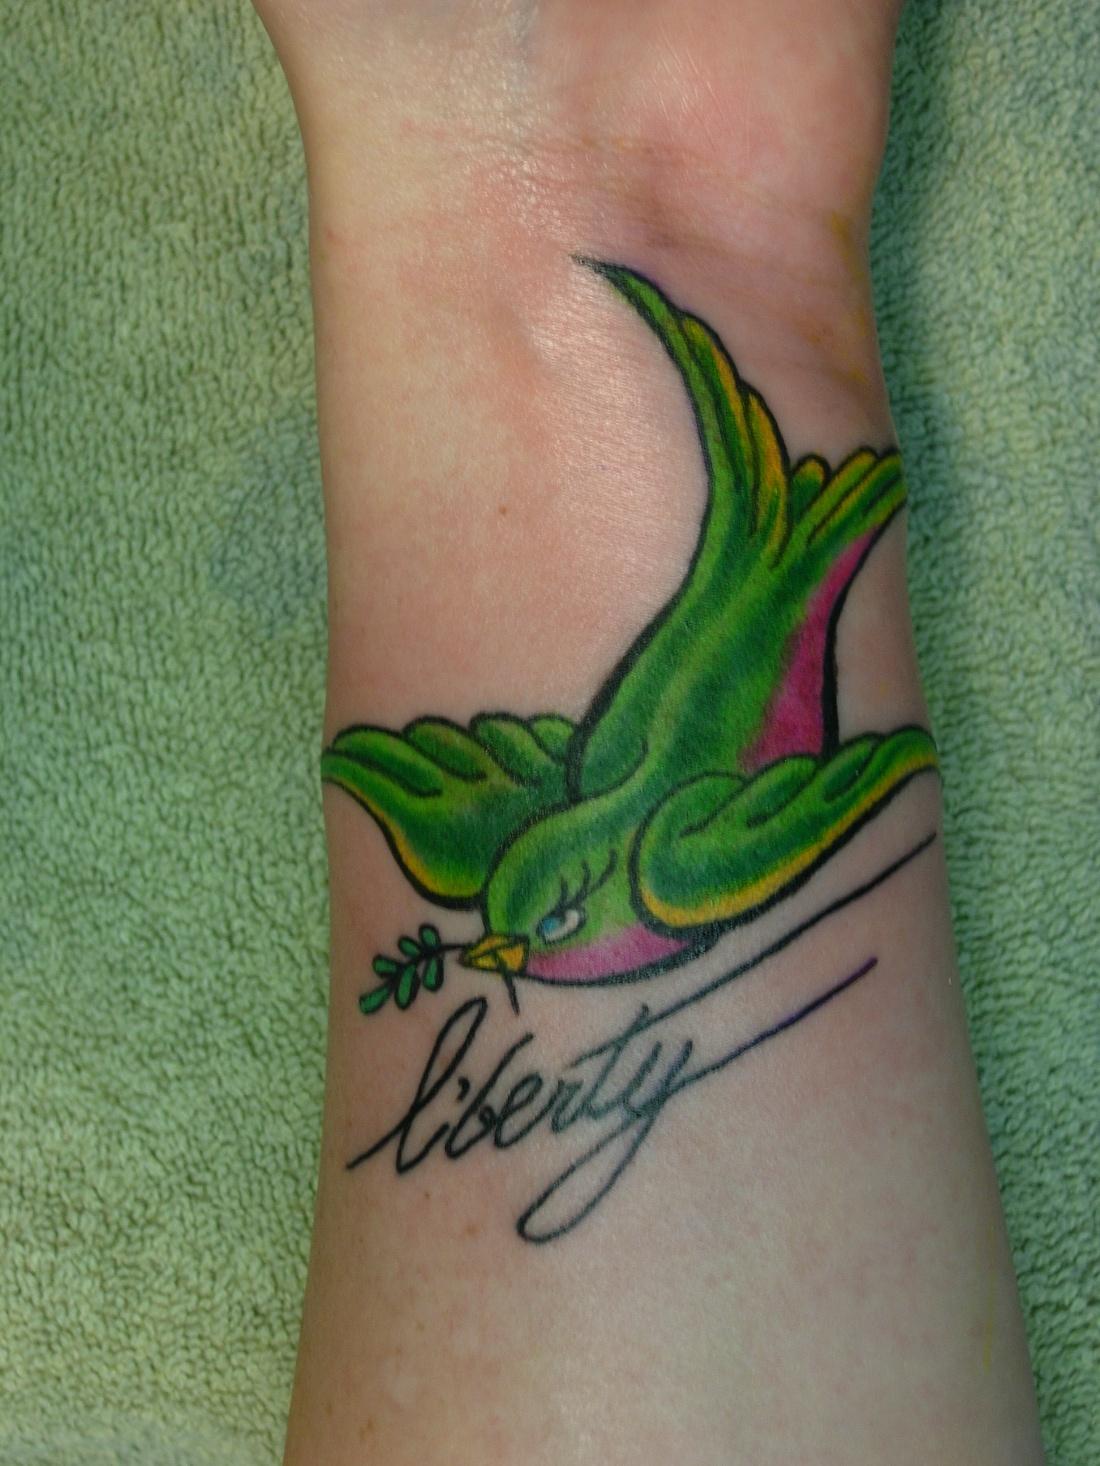 420 tattoo designs - HD1100×1466